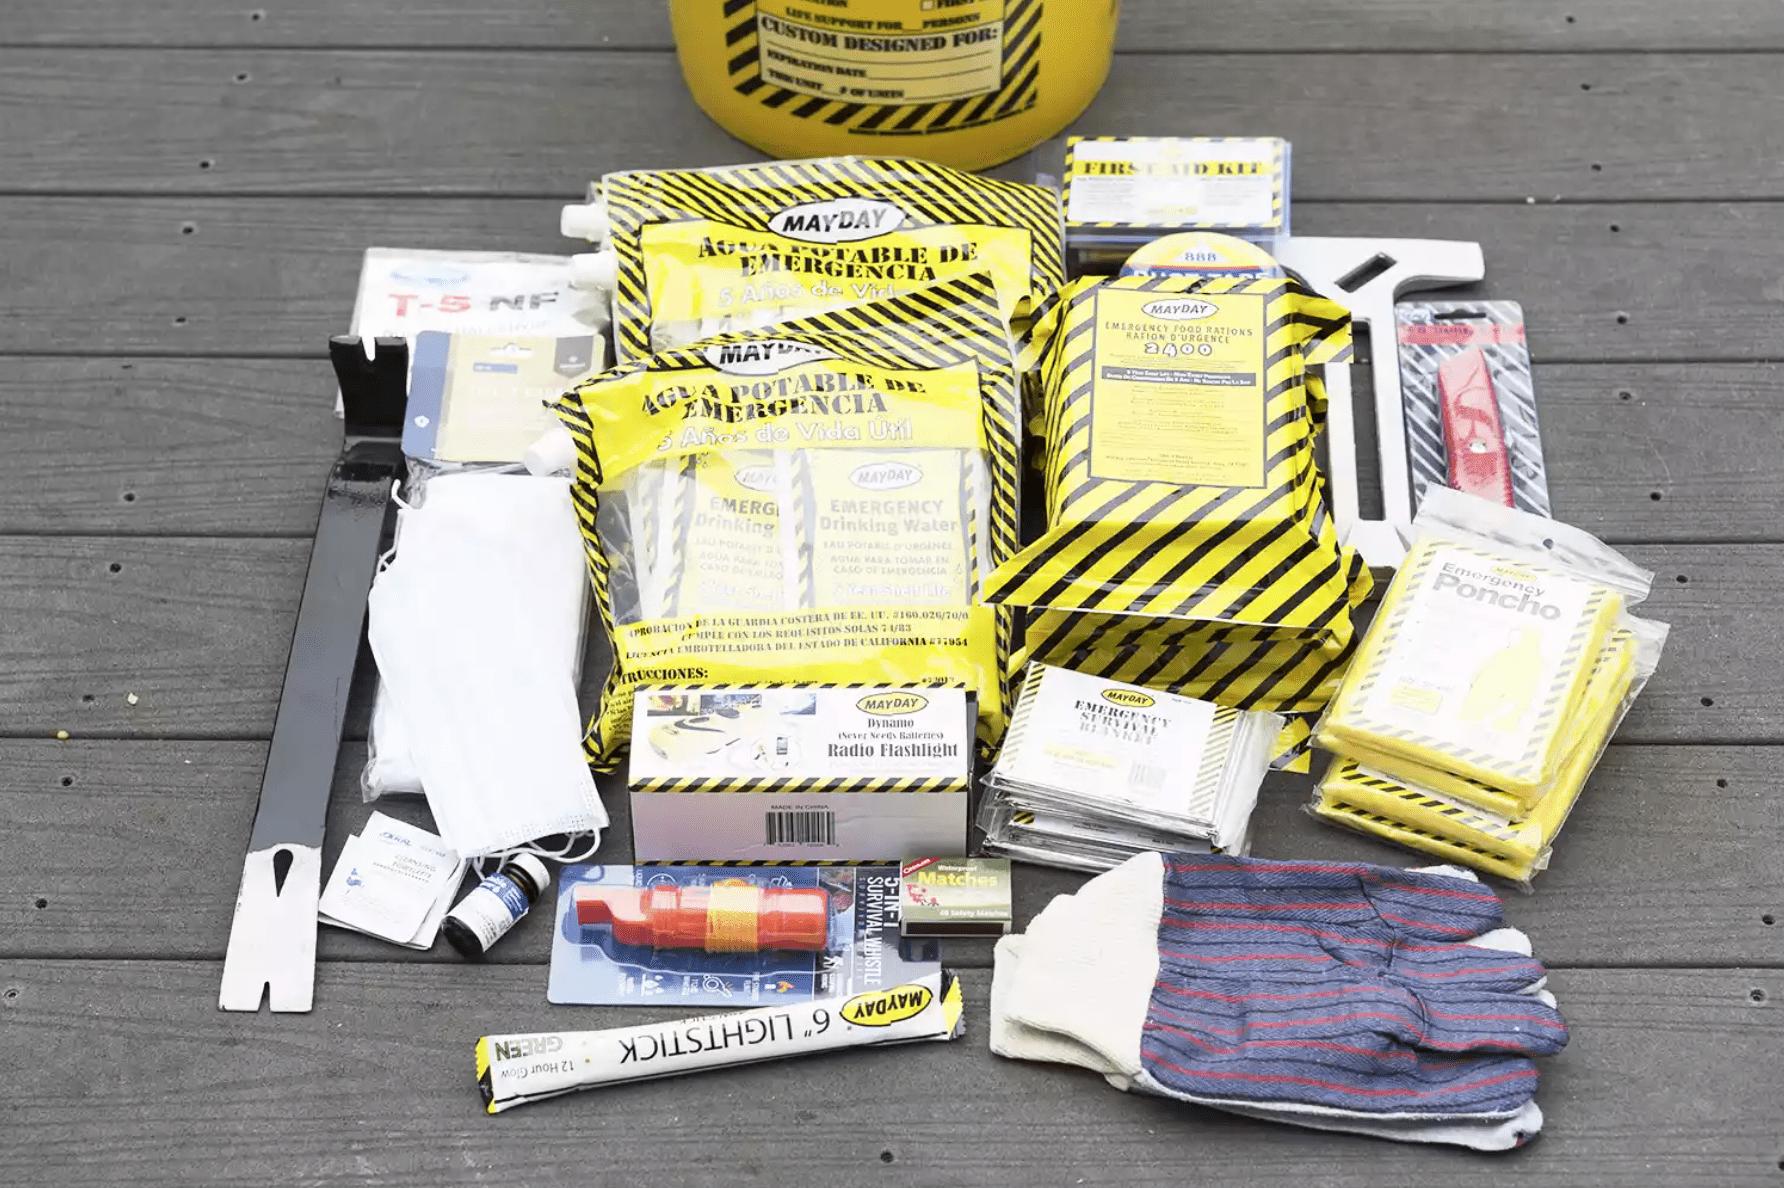 Mayday Emergency Kit